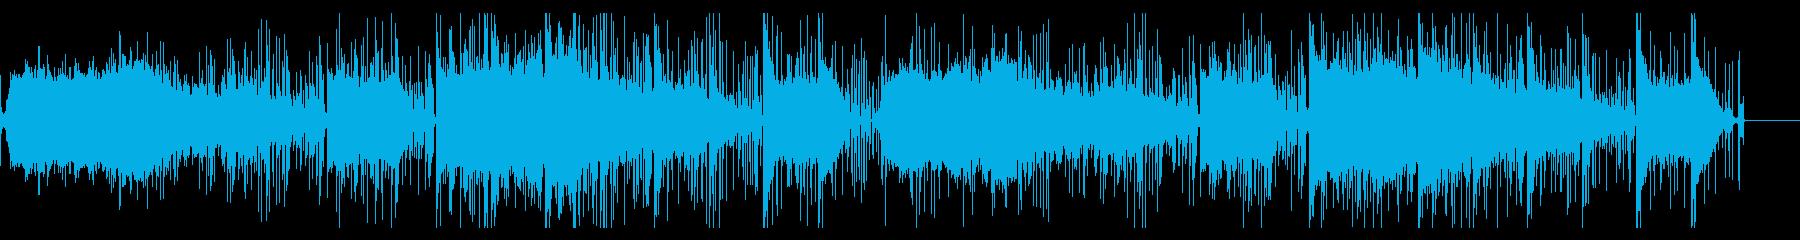 サスペンシブで陰鬱なIDMの再生済みの波形